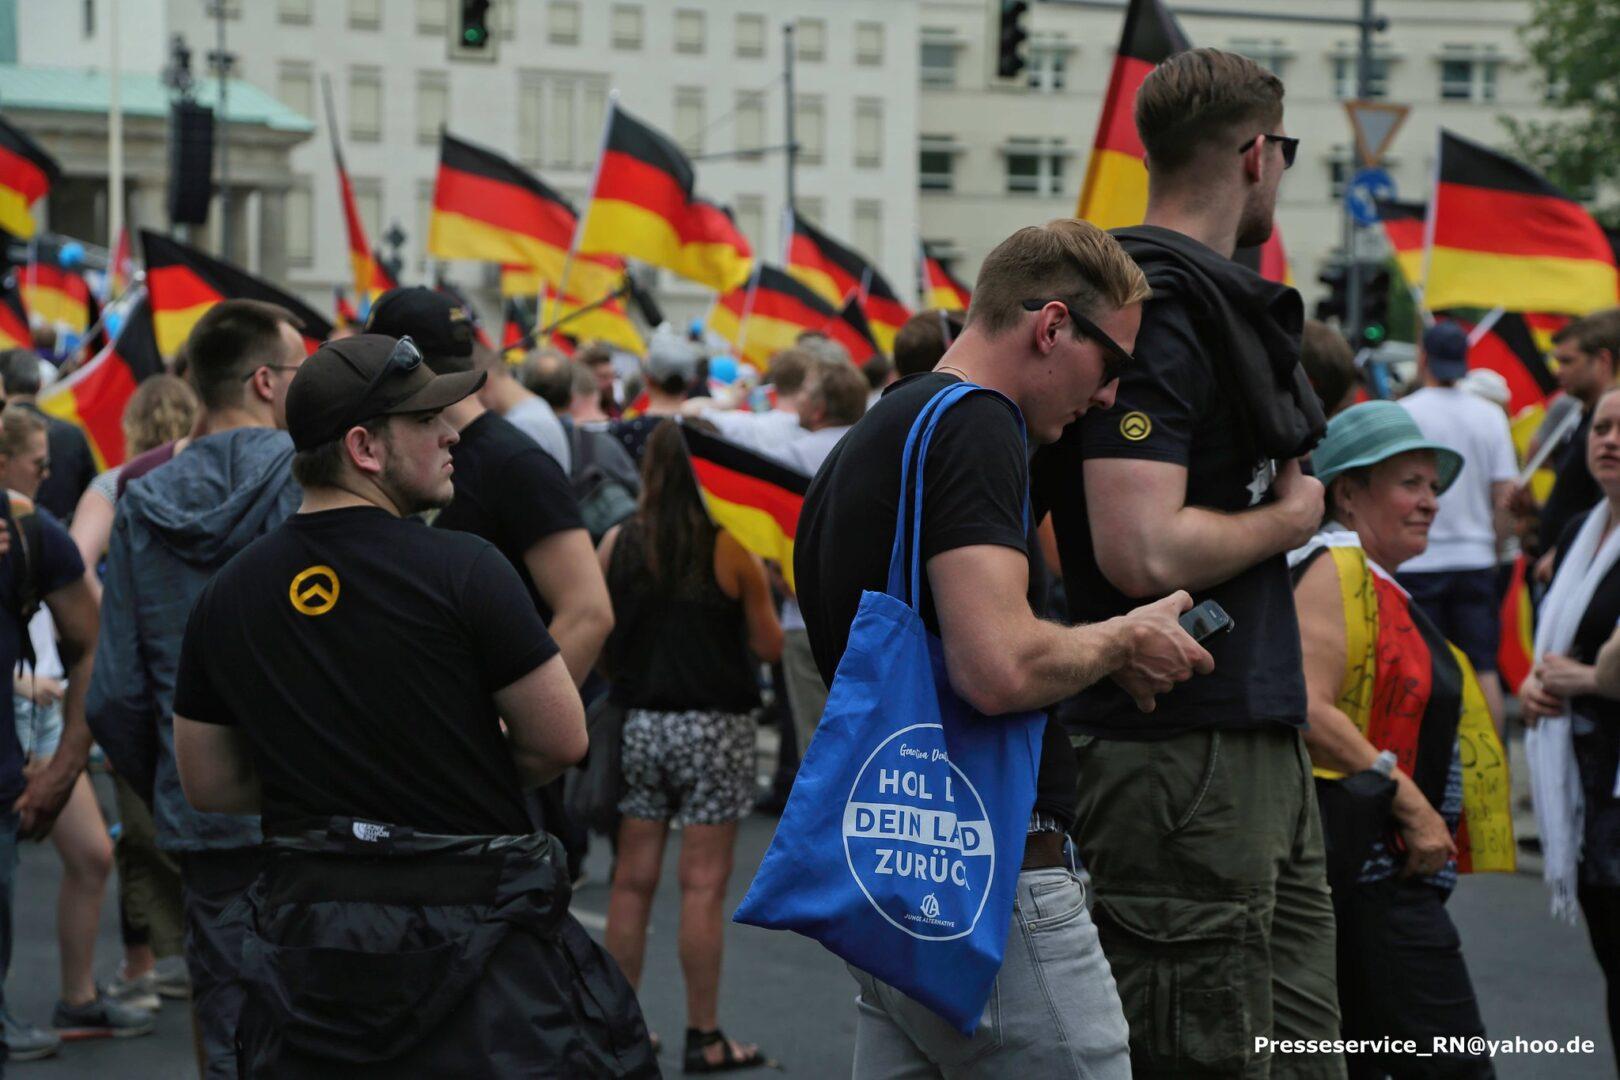 Toni Schneider und Paul Neumann auf einer AfD Demonstration am 27.Mai.2018 in Berlin, links im Bild Ricardo Knöfel (IB Dresden)